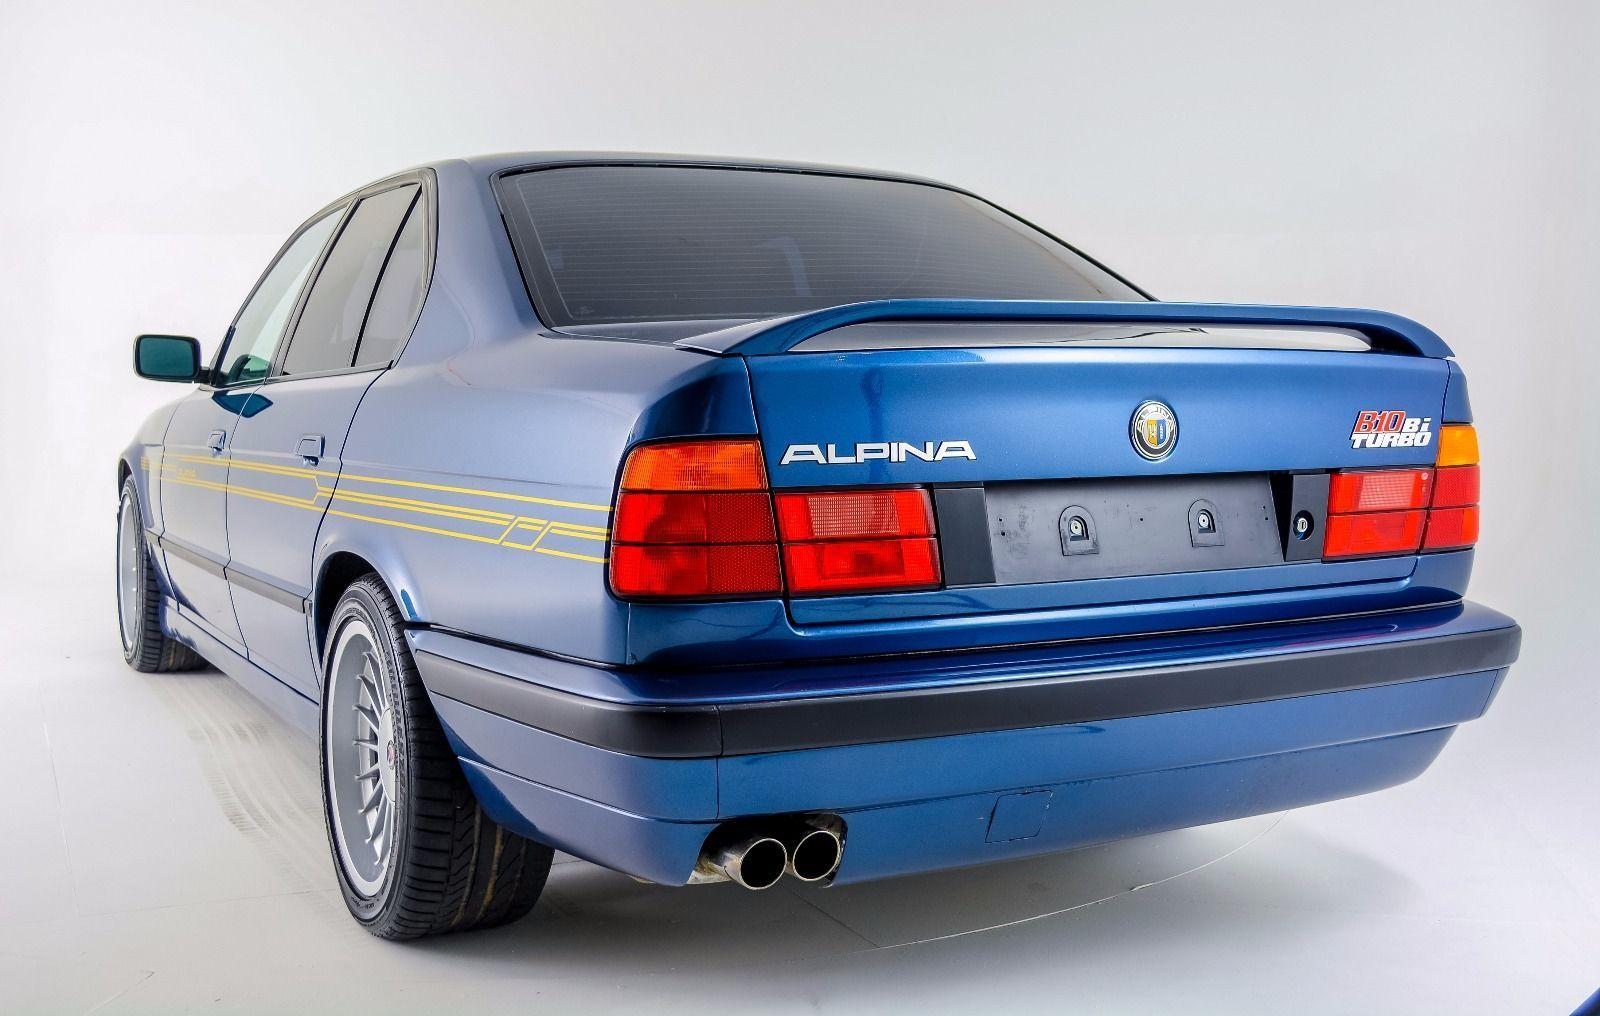 Bmw E34 Alpina B10 Bi Turbo With Images Bmw E34